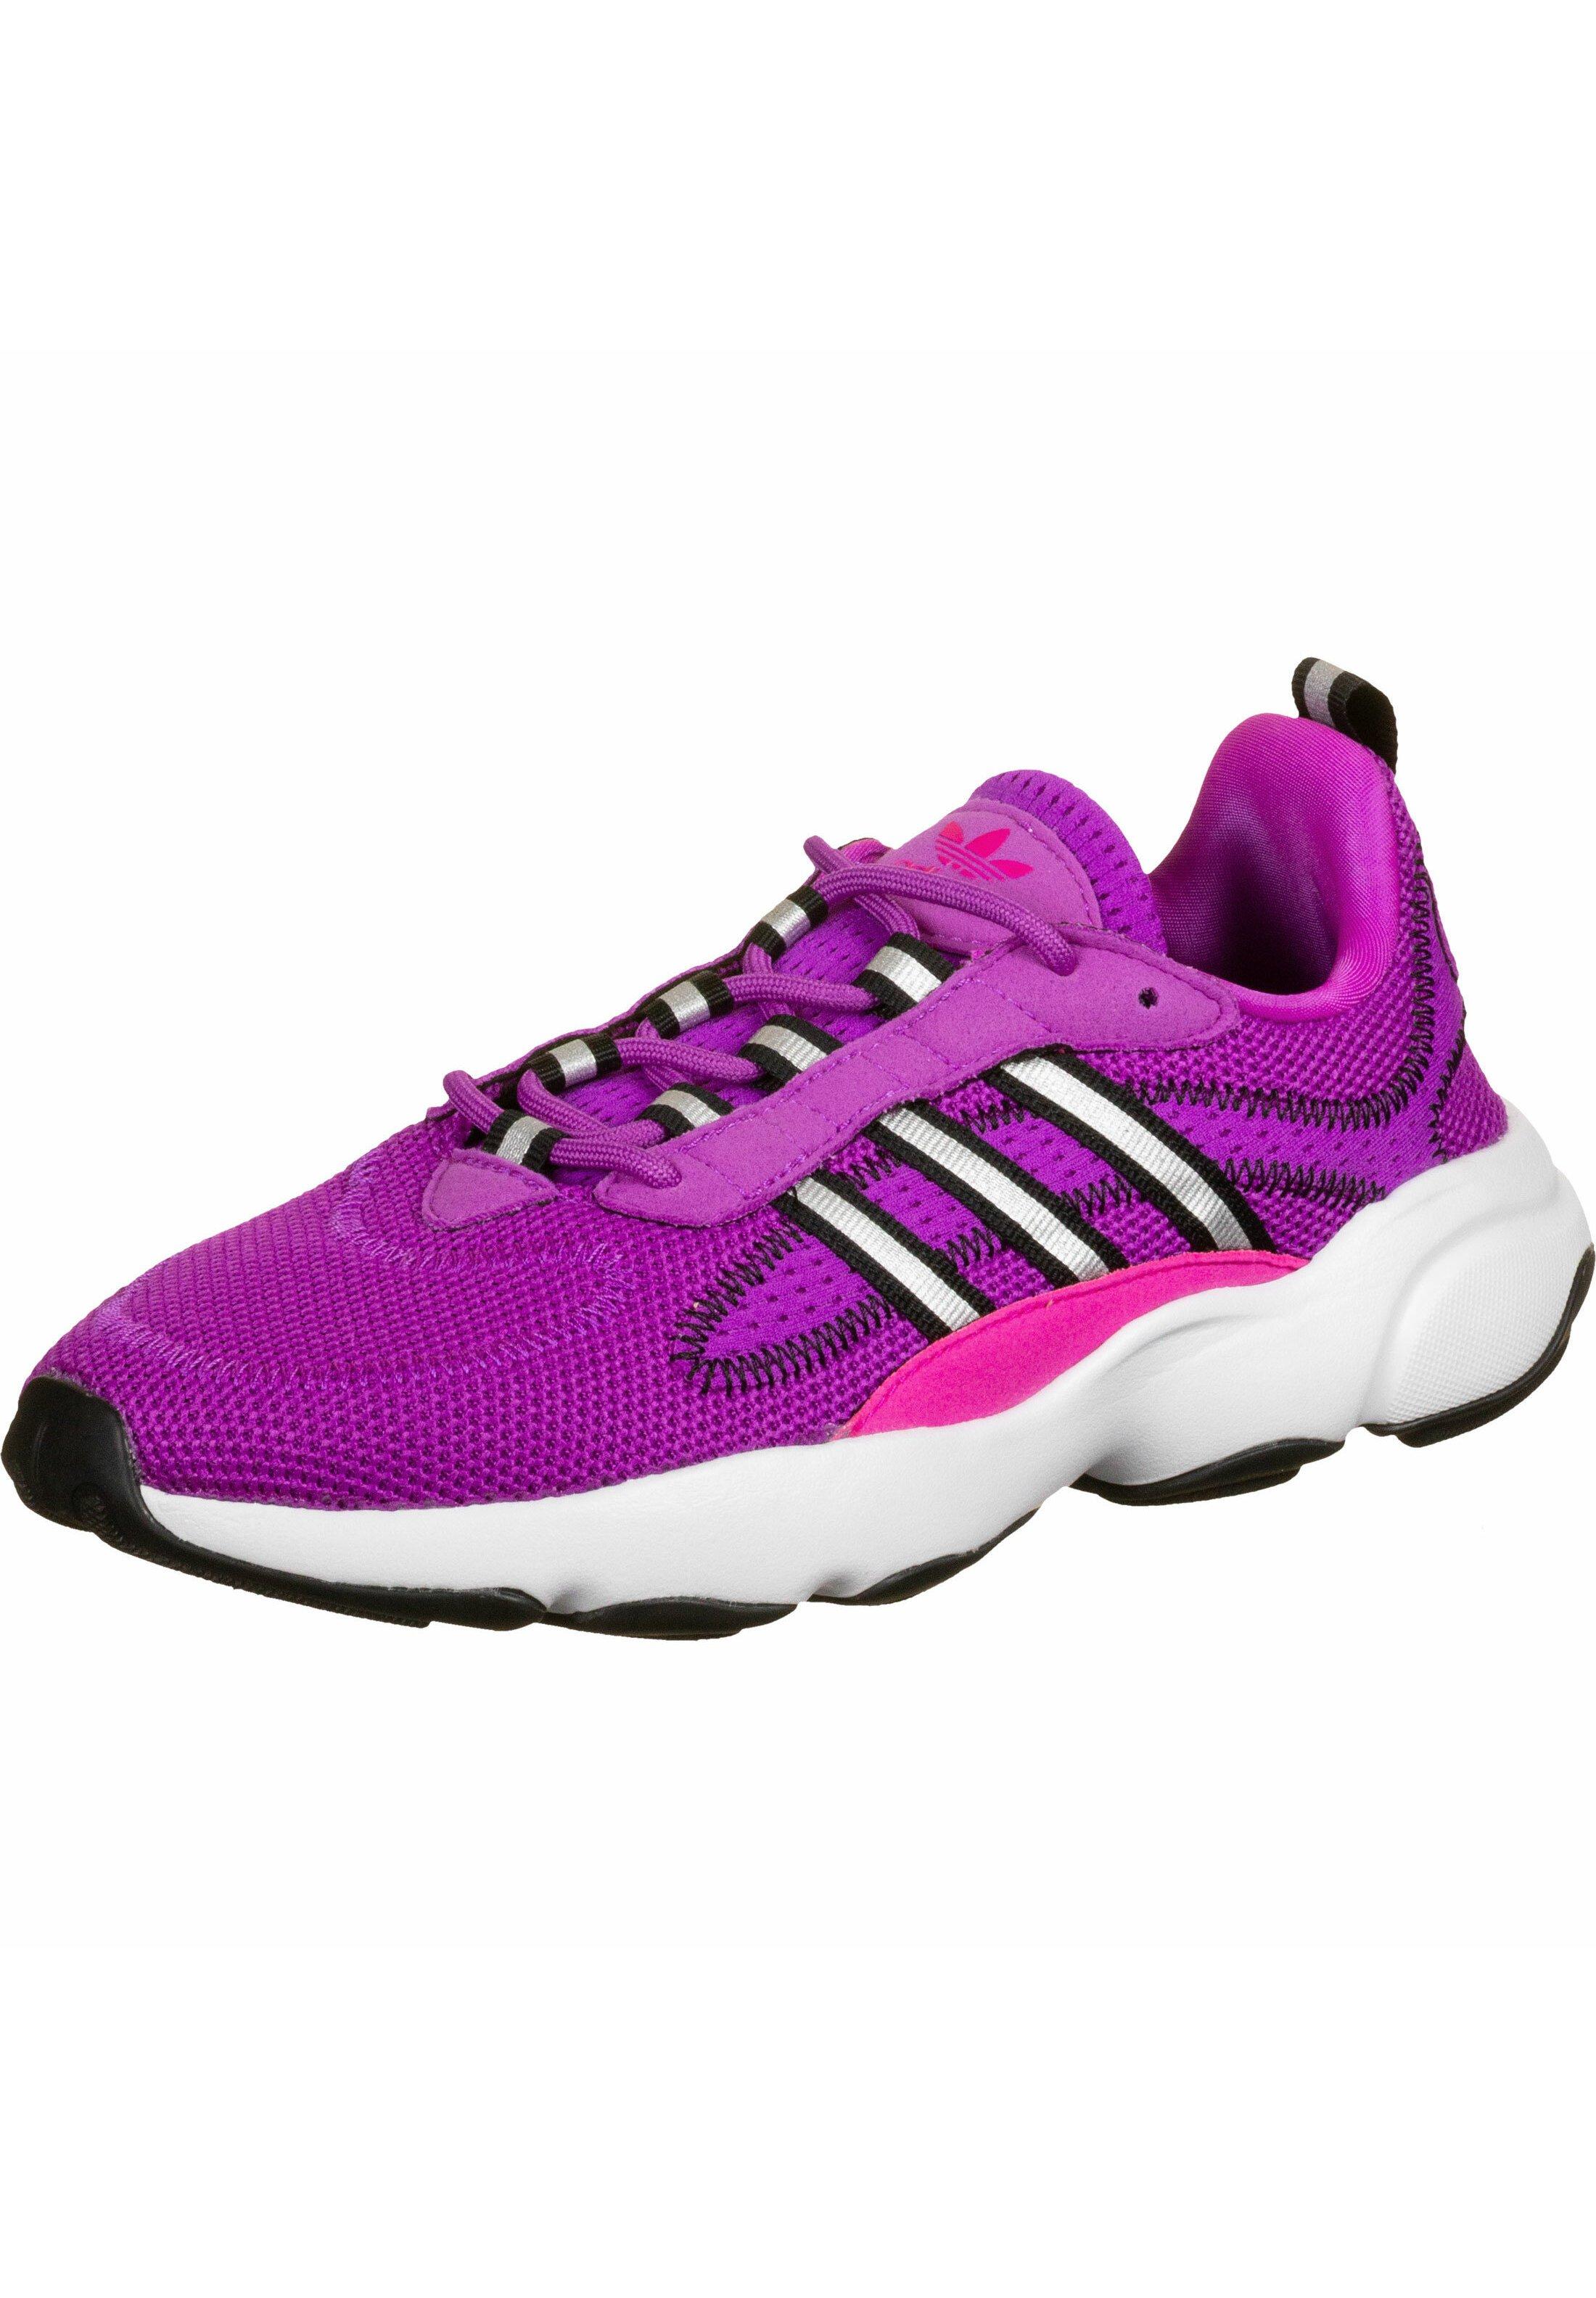 Gutes Angebot adidas Originals HAIWEE - Sneaker low - pink/silver | Damenbekleidung 2020